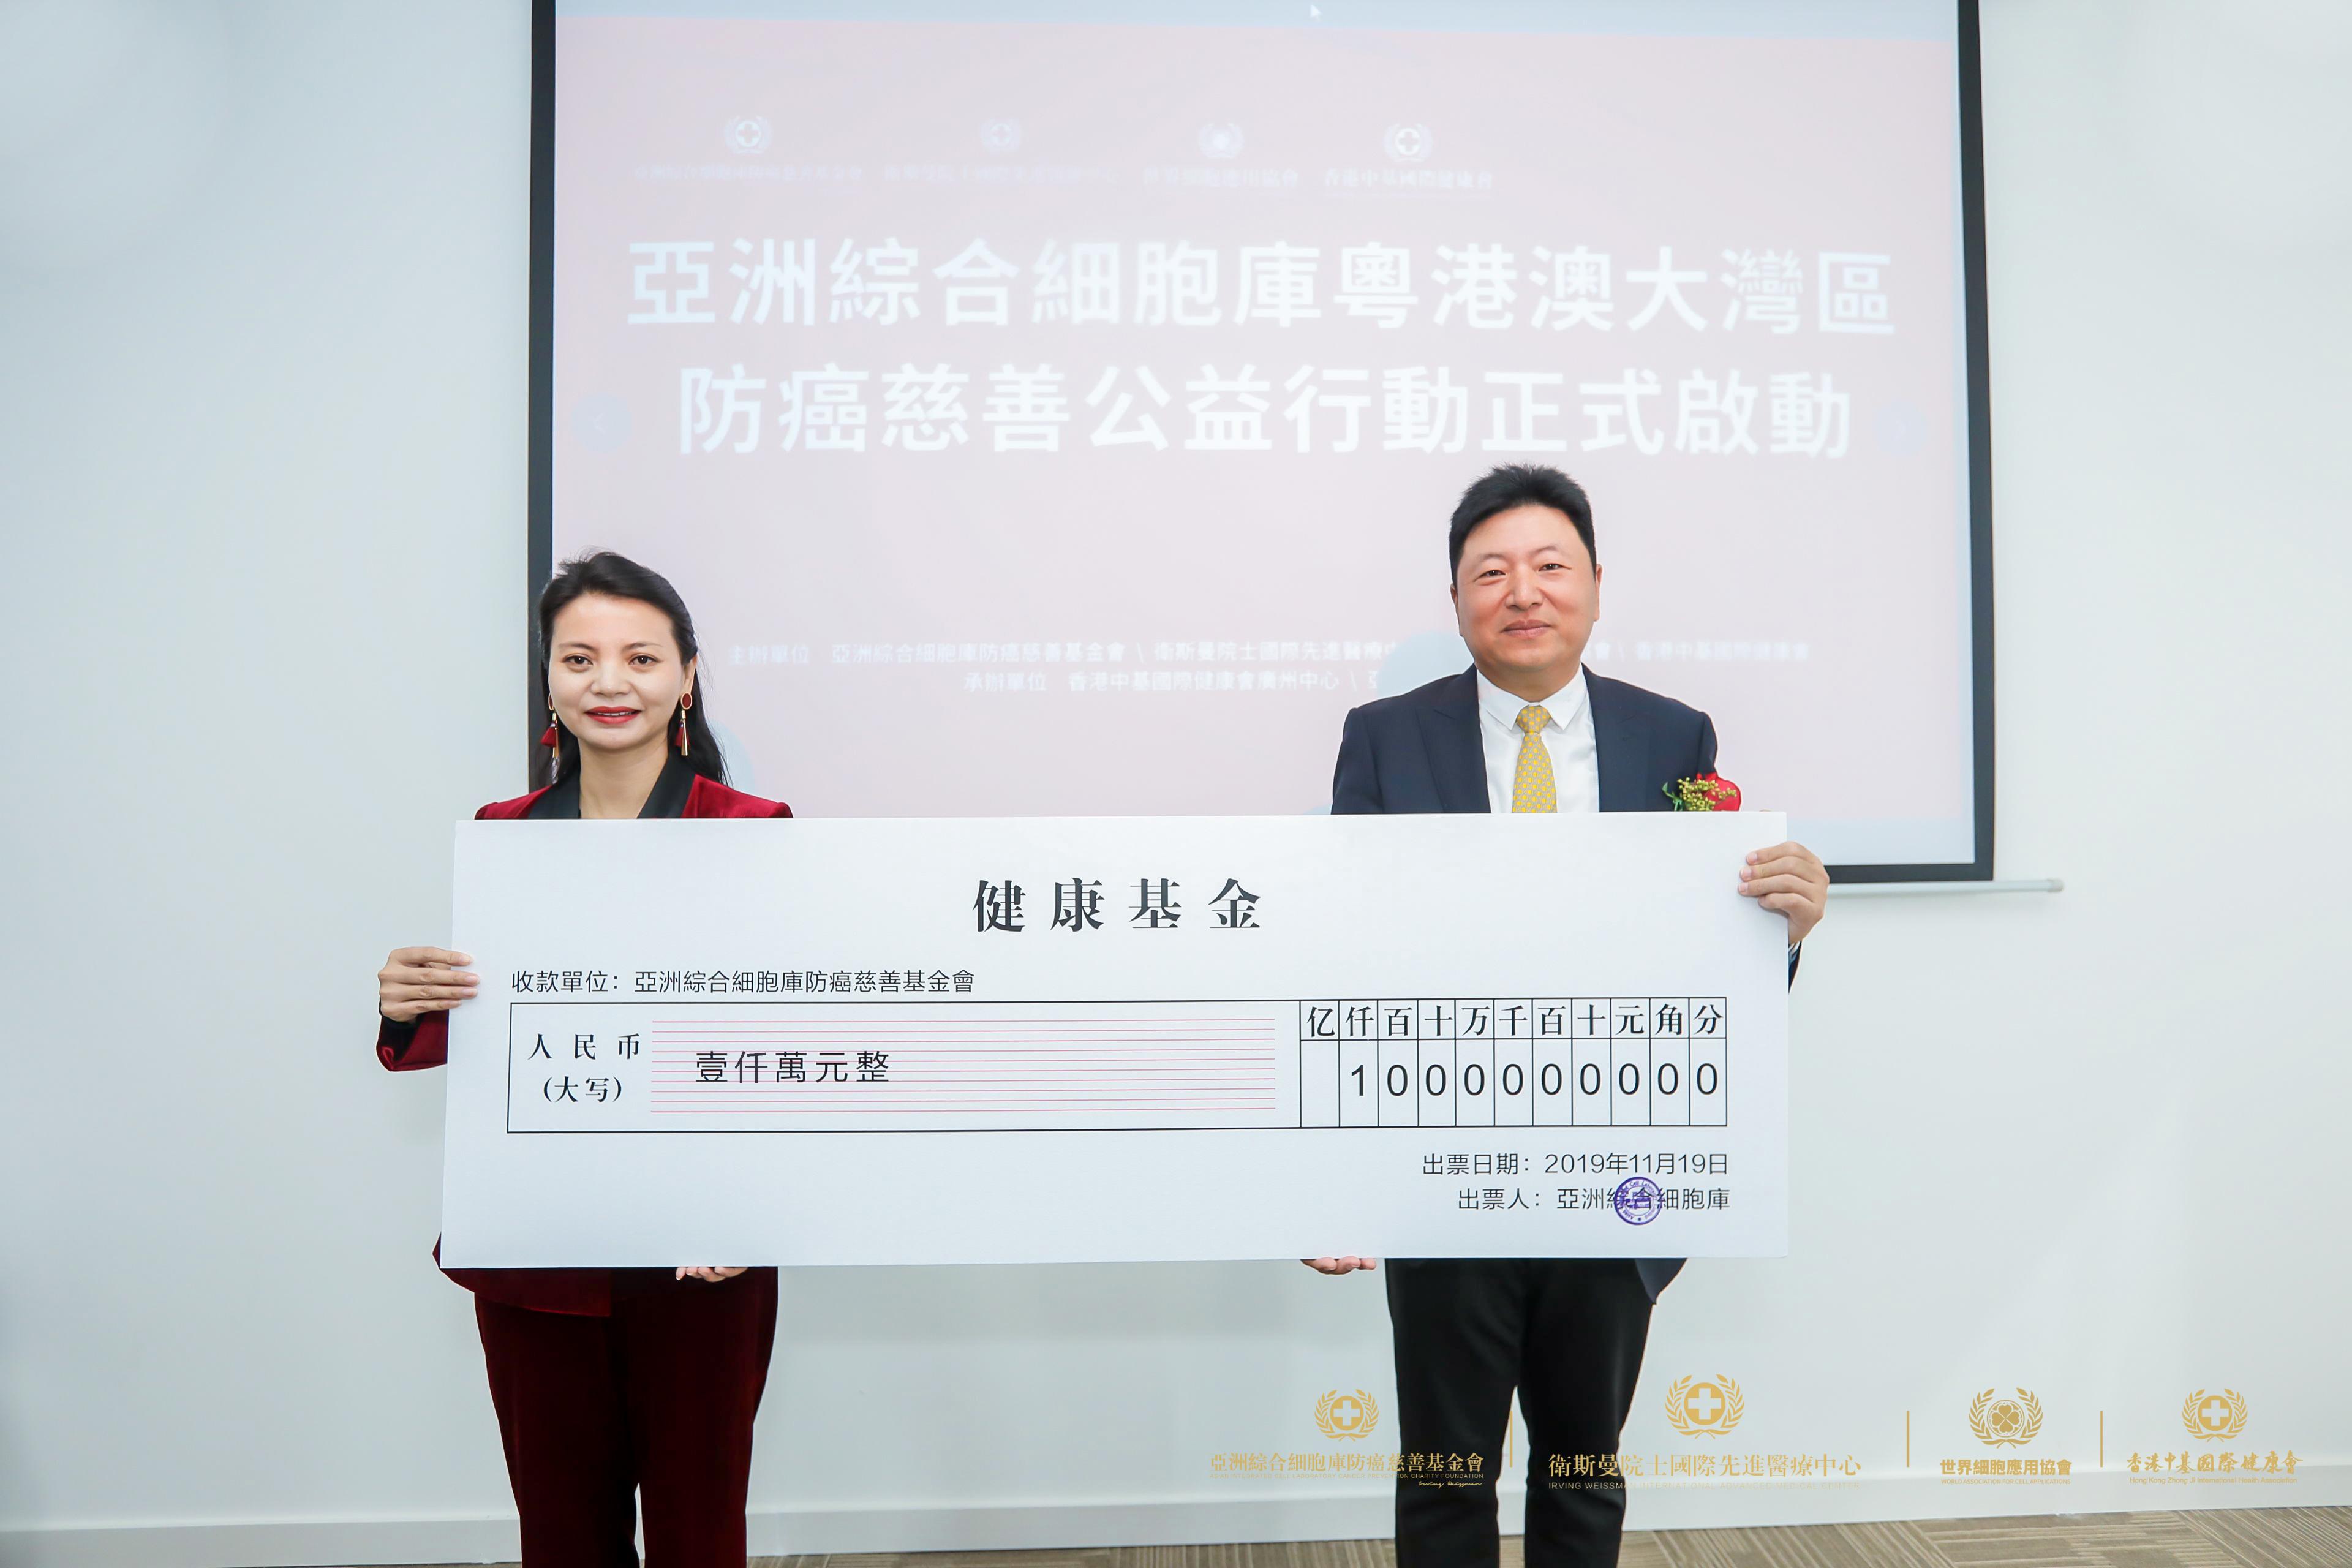 闫立先生向亚洲综合细胞库防癌慈善基金会捐赠慈善专项基金1000万港币)